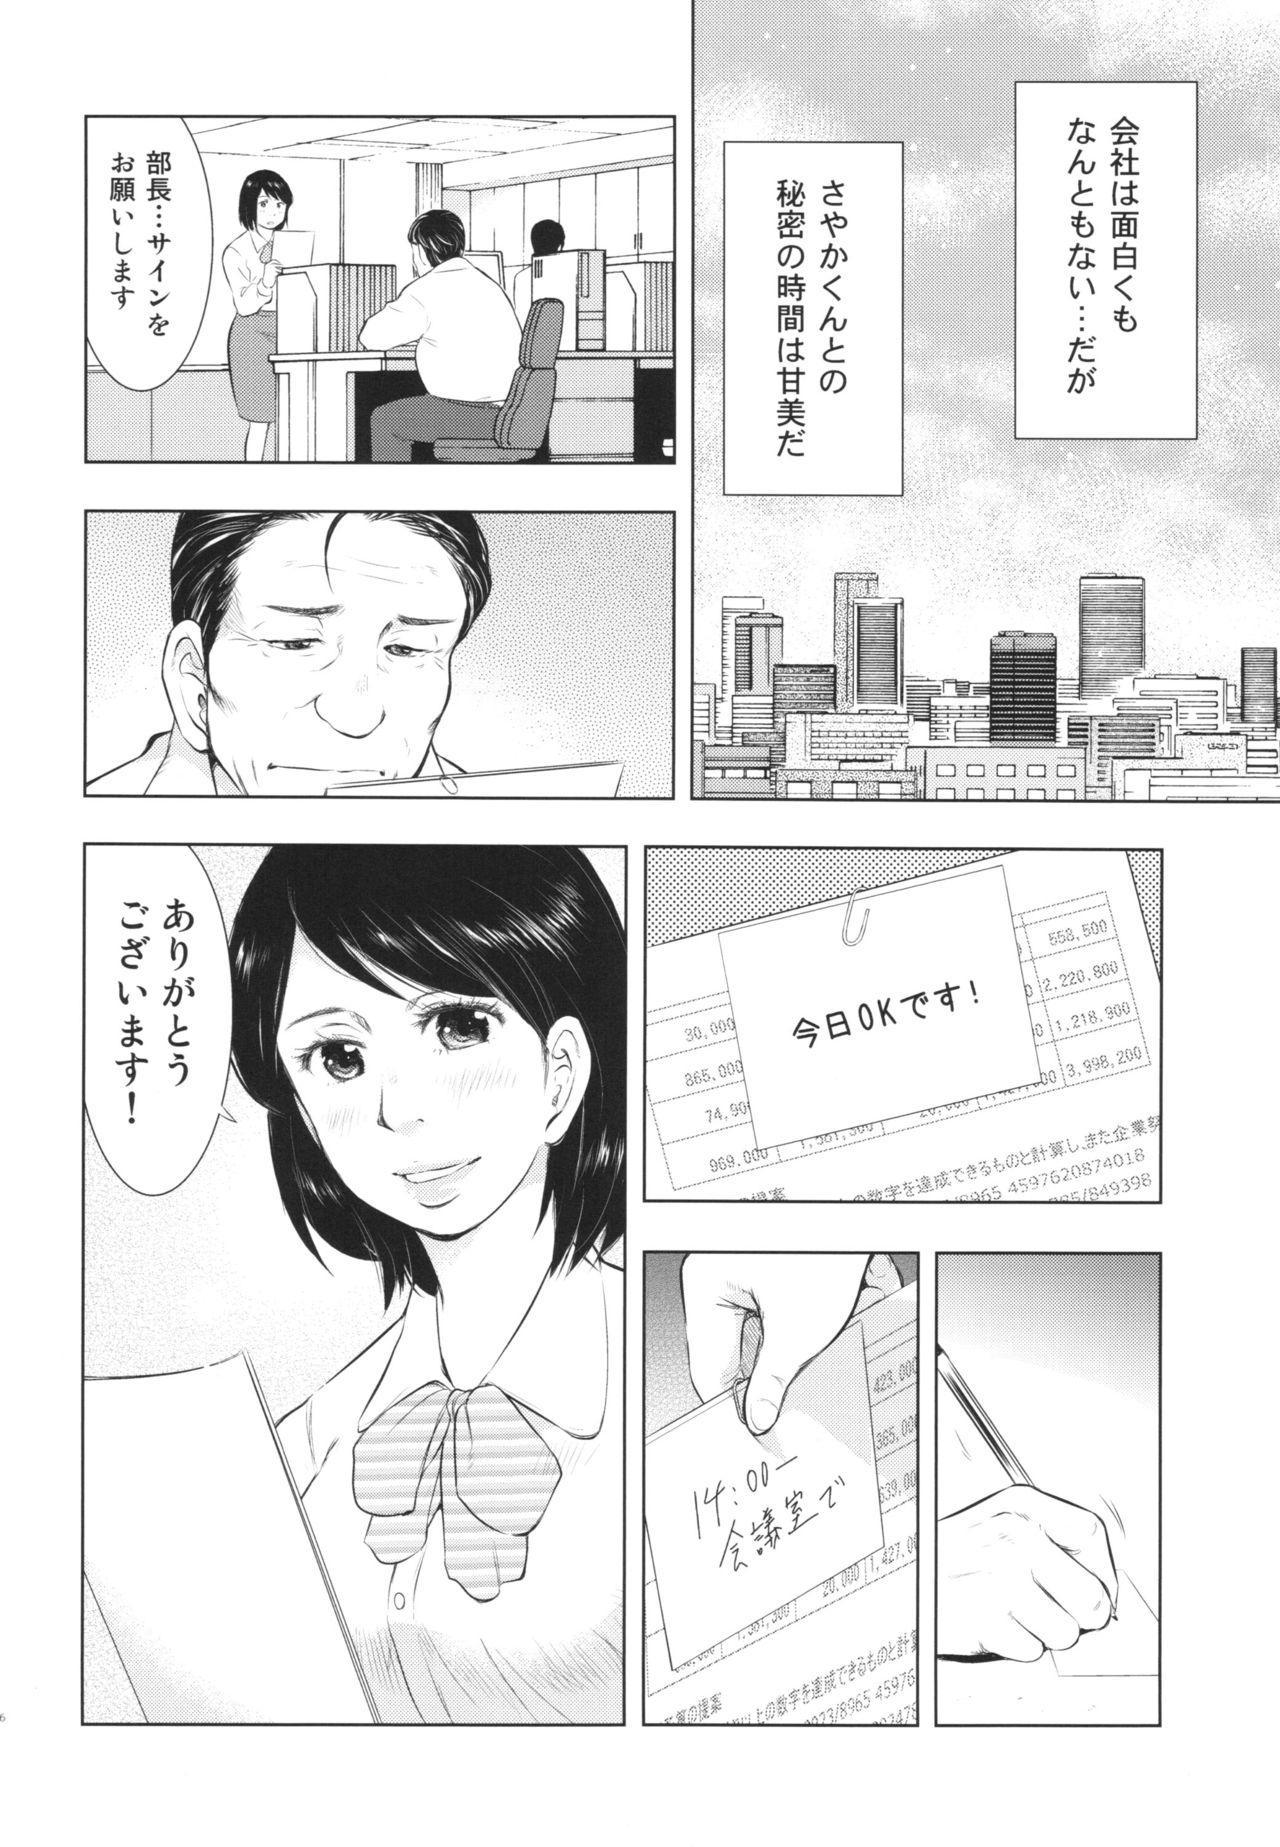 Hitozuma Zukan 2 35